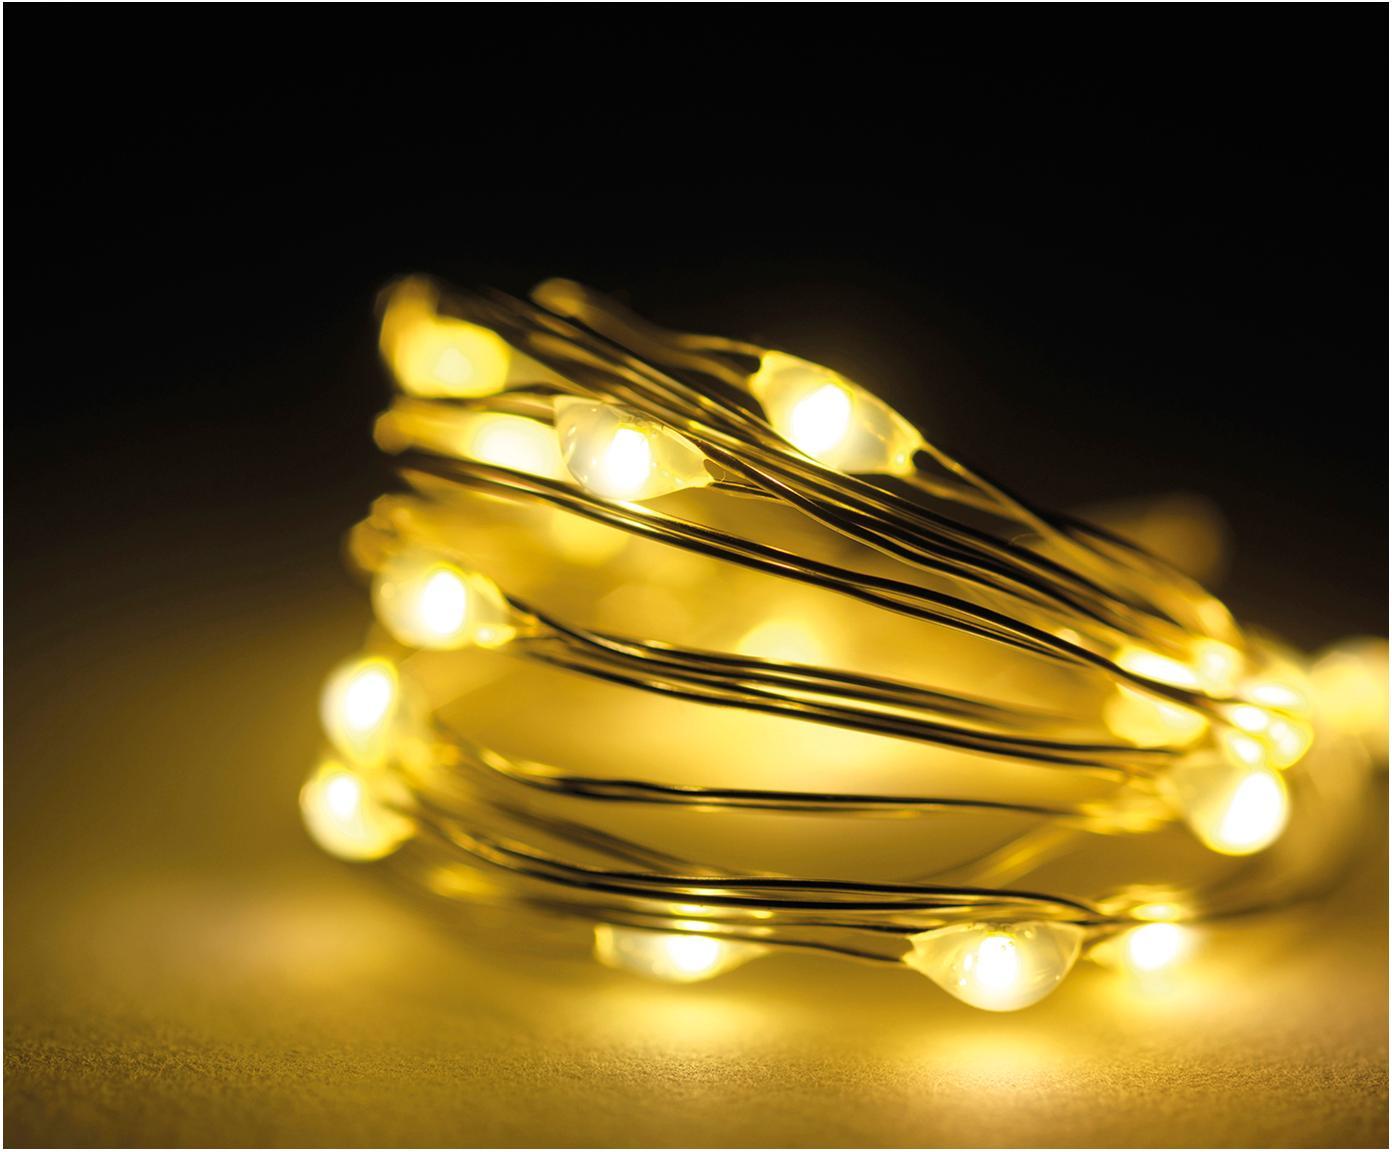 LED Lichterkette Wiry, L 195 cm, Kunststoff, Transparent, L 195  cm